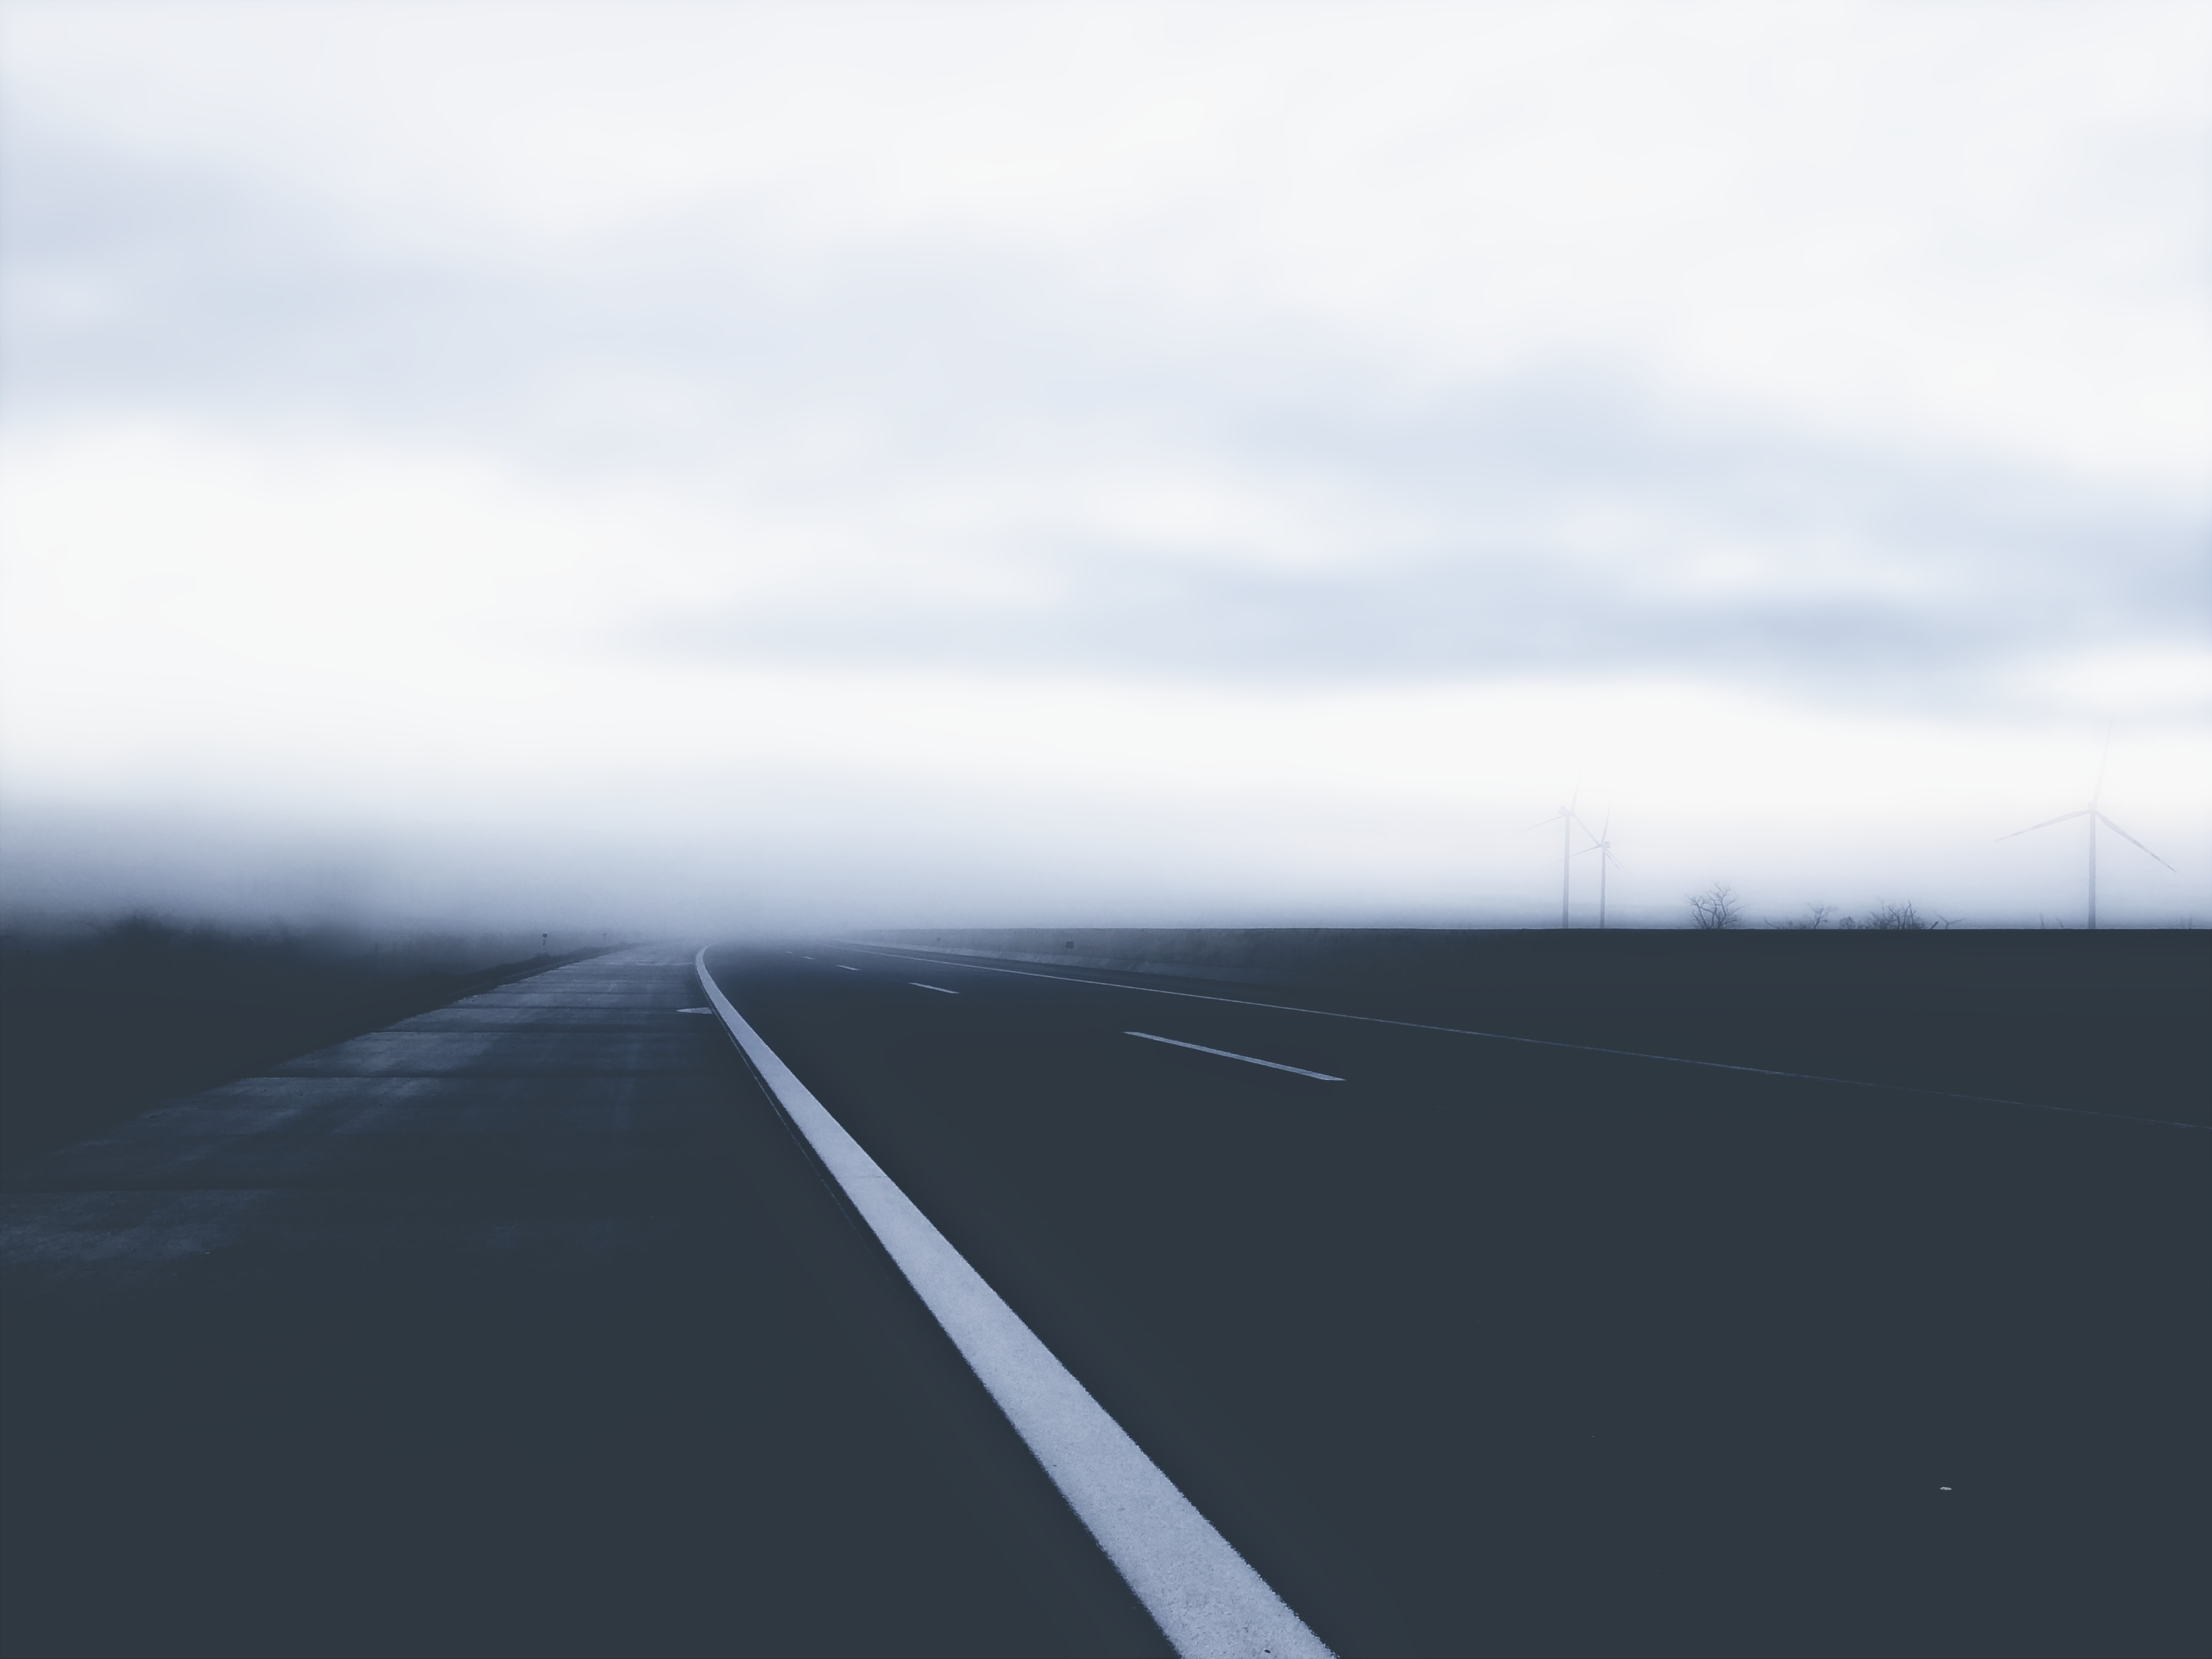 scenery of empty road